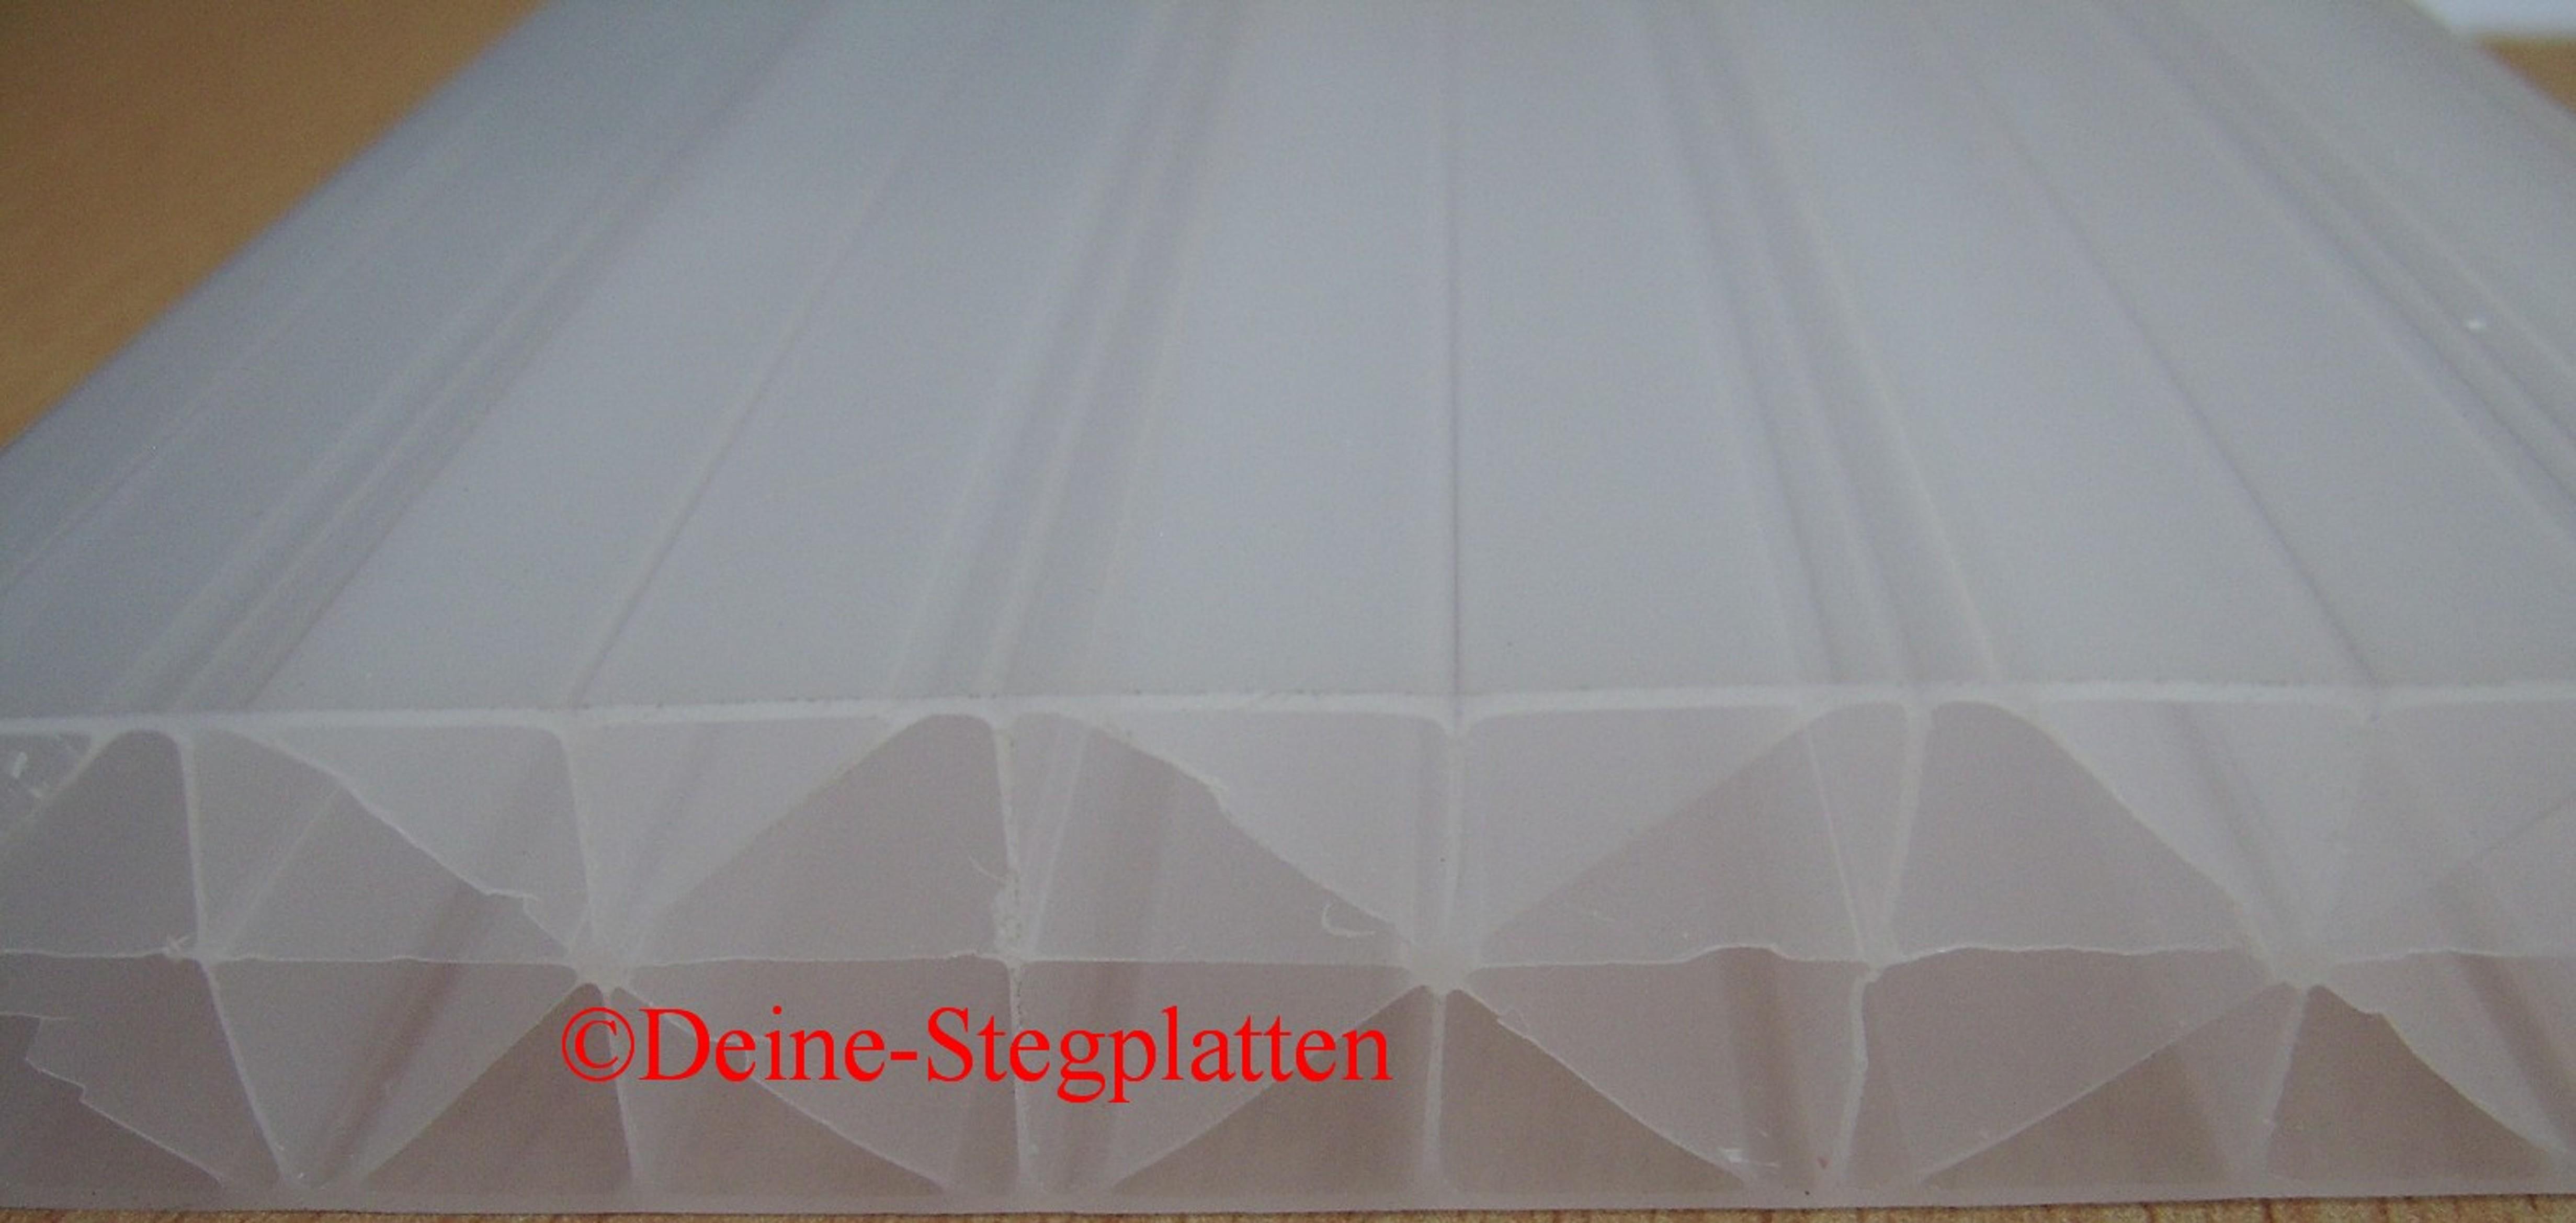 komplettdach terrassendach 16 mm stegplatten x steg opal 3x4 m mit zubeh r ebay. Black Bedroom Furniture Sets. Home Design Ideas